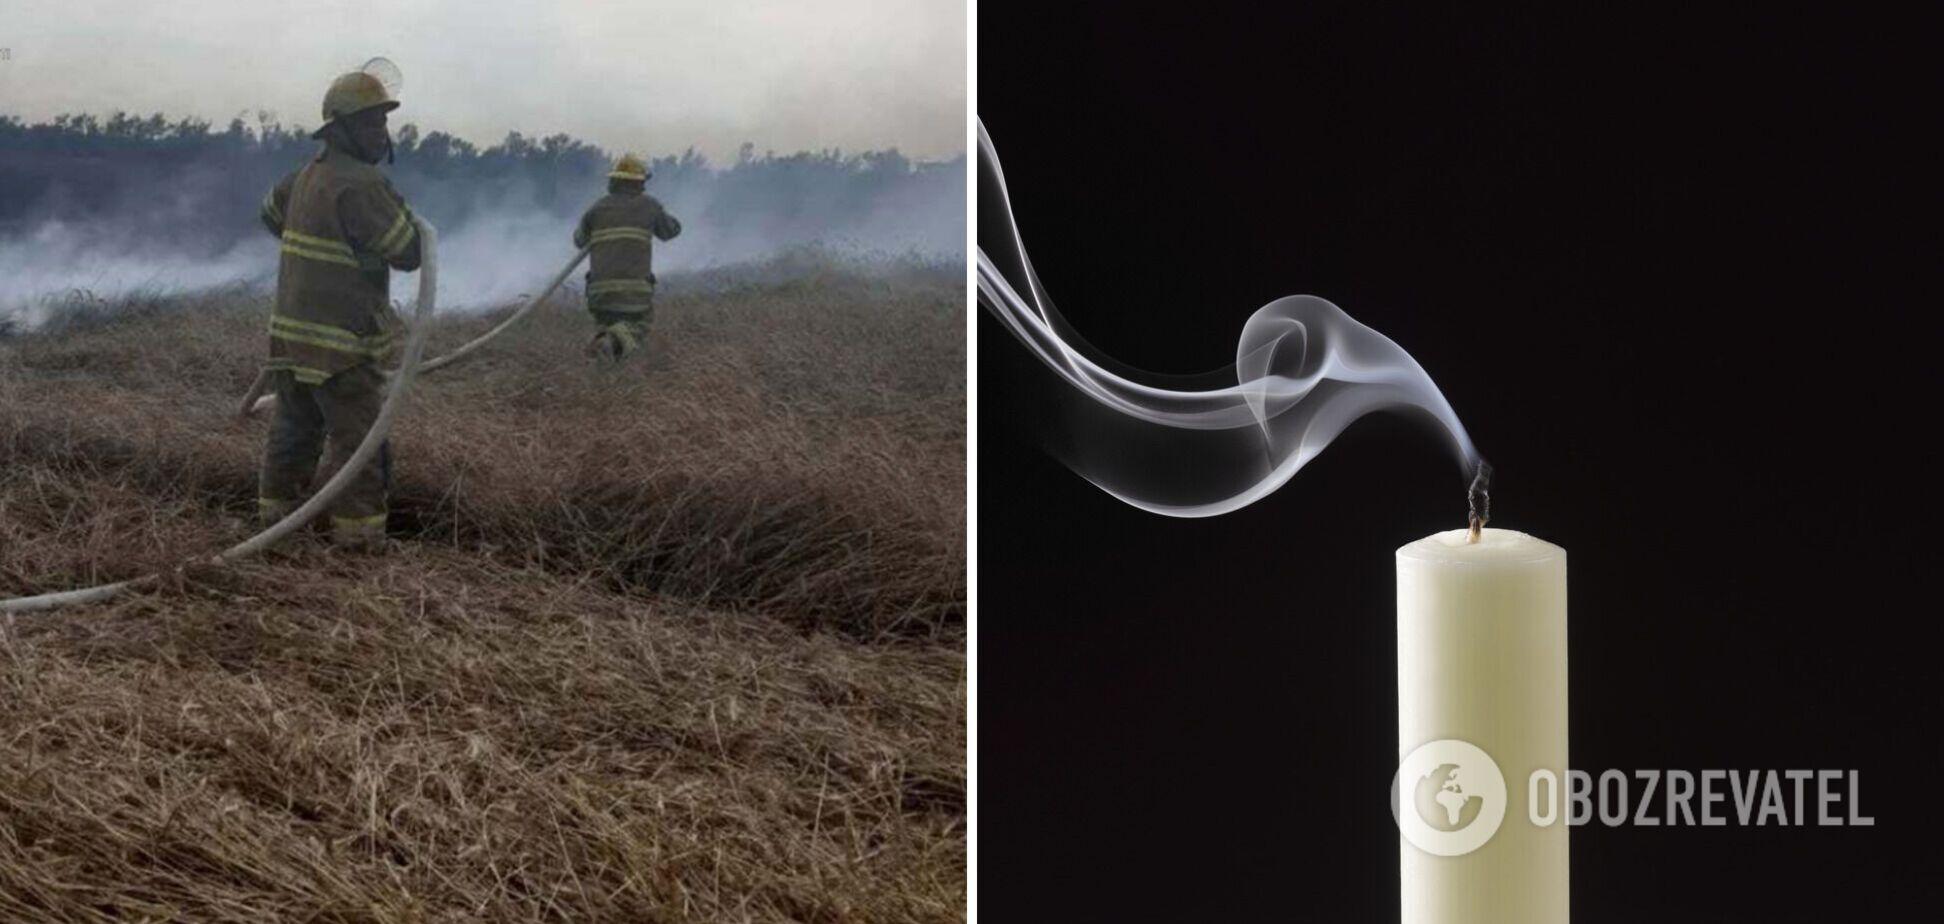 Під Одесою згоріло поле, а на Київщині вбили чоловіка